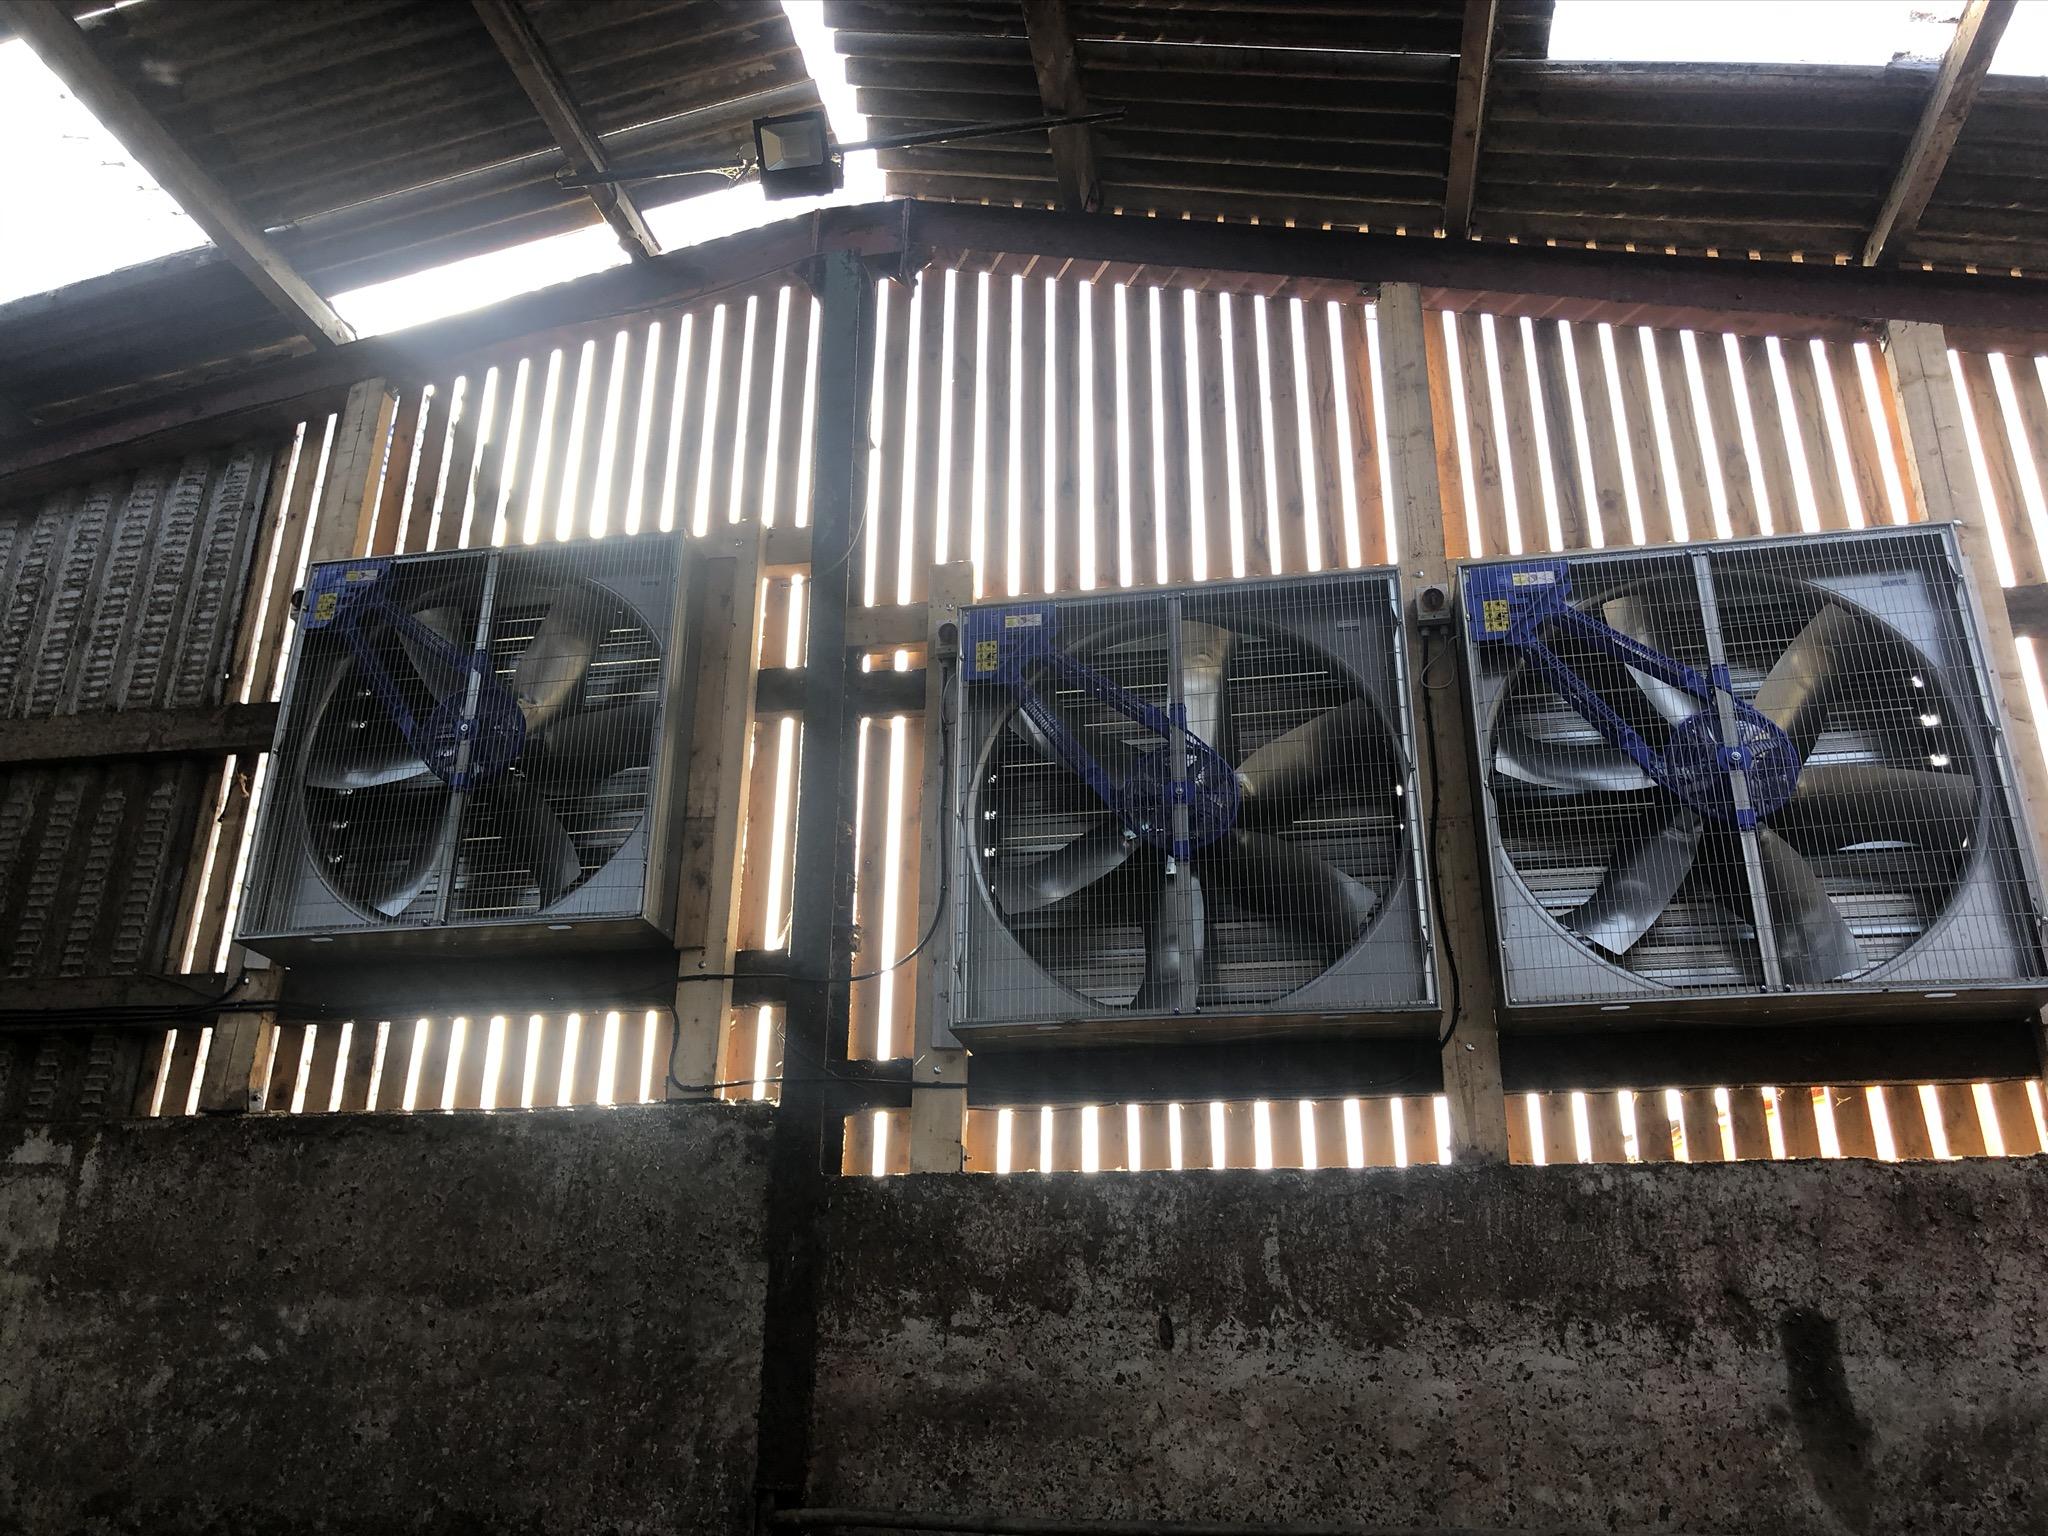 3 ventilation fans